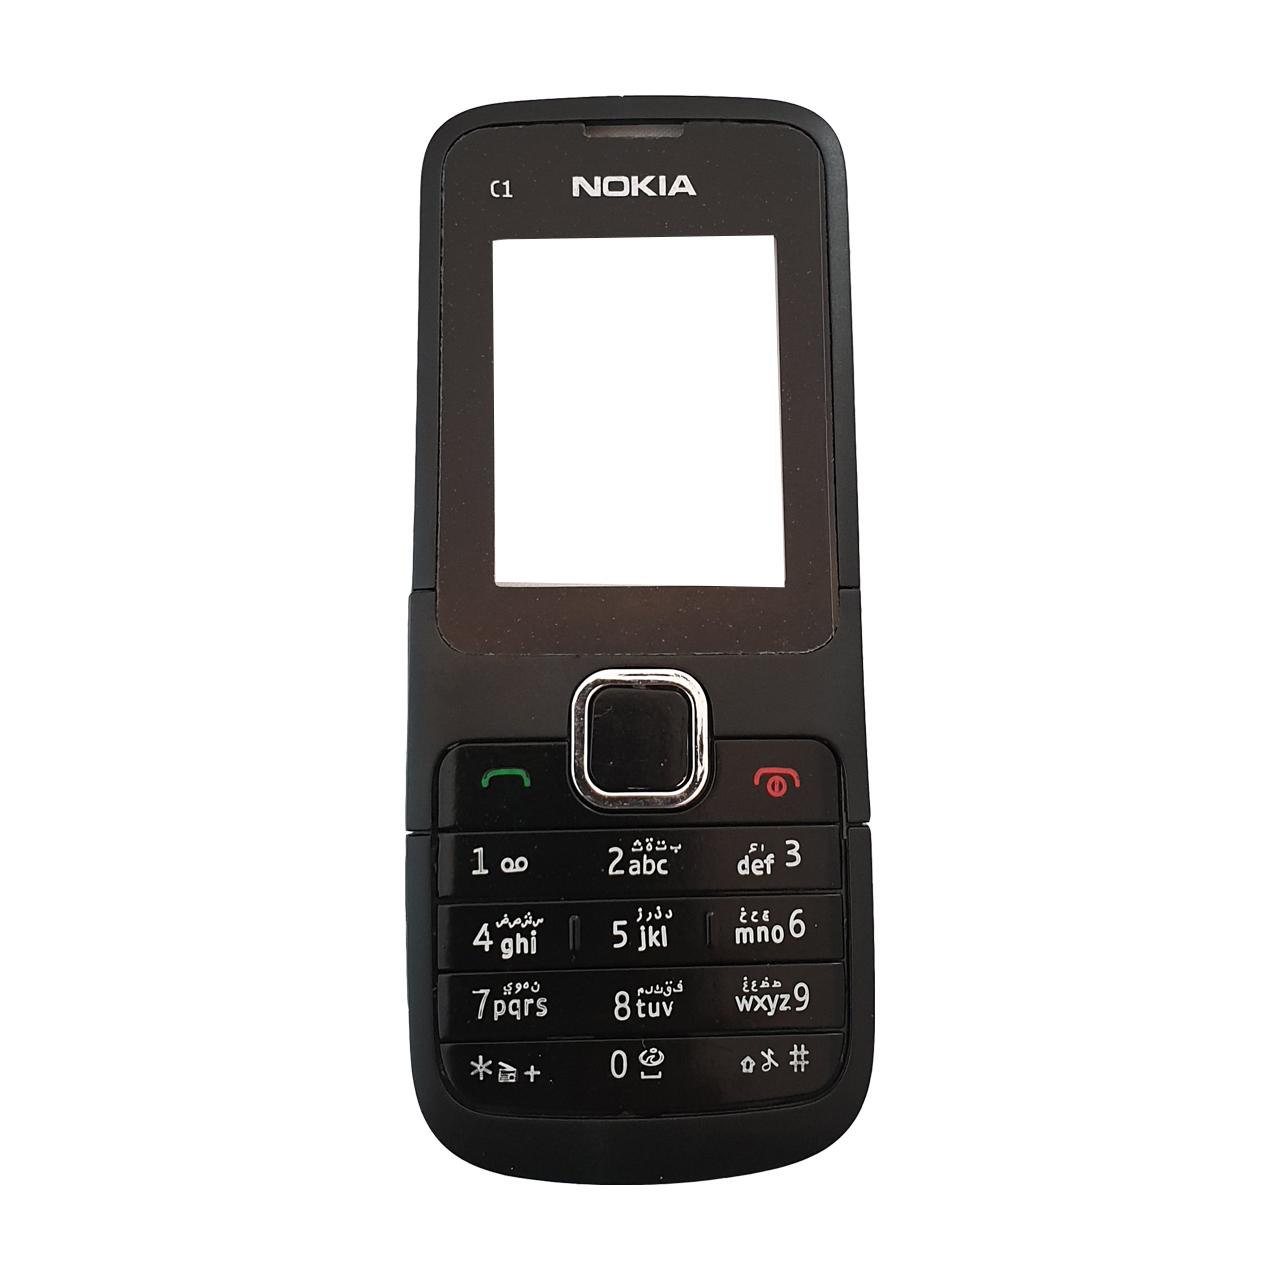 شاسی گوشی موبایل مدل GN-07 مناسب برای گوشی موبایل نوکیا C1-01              ( قیمت و خرید)